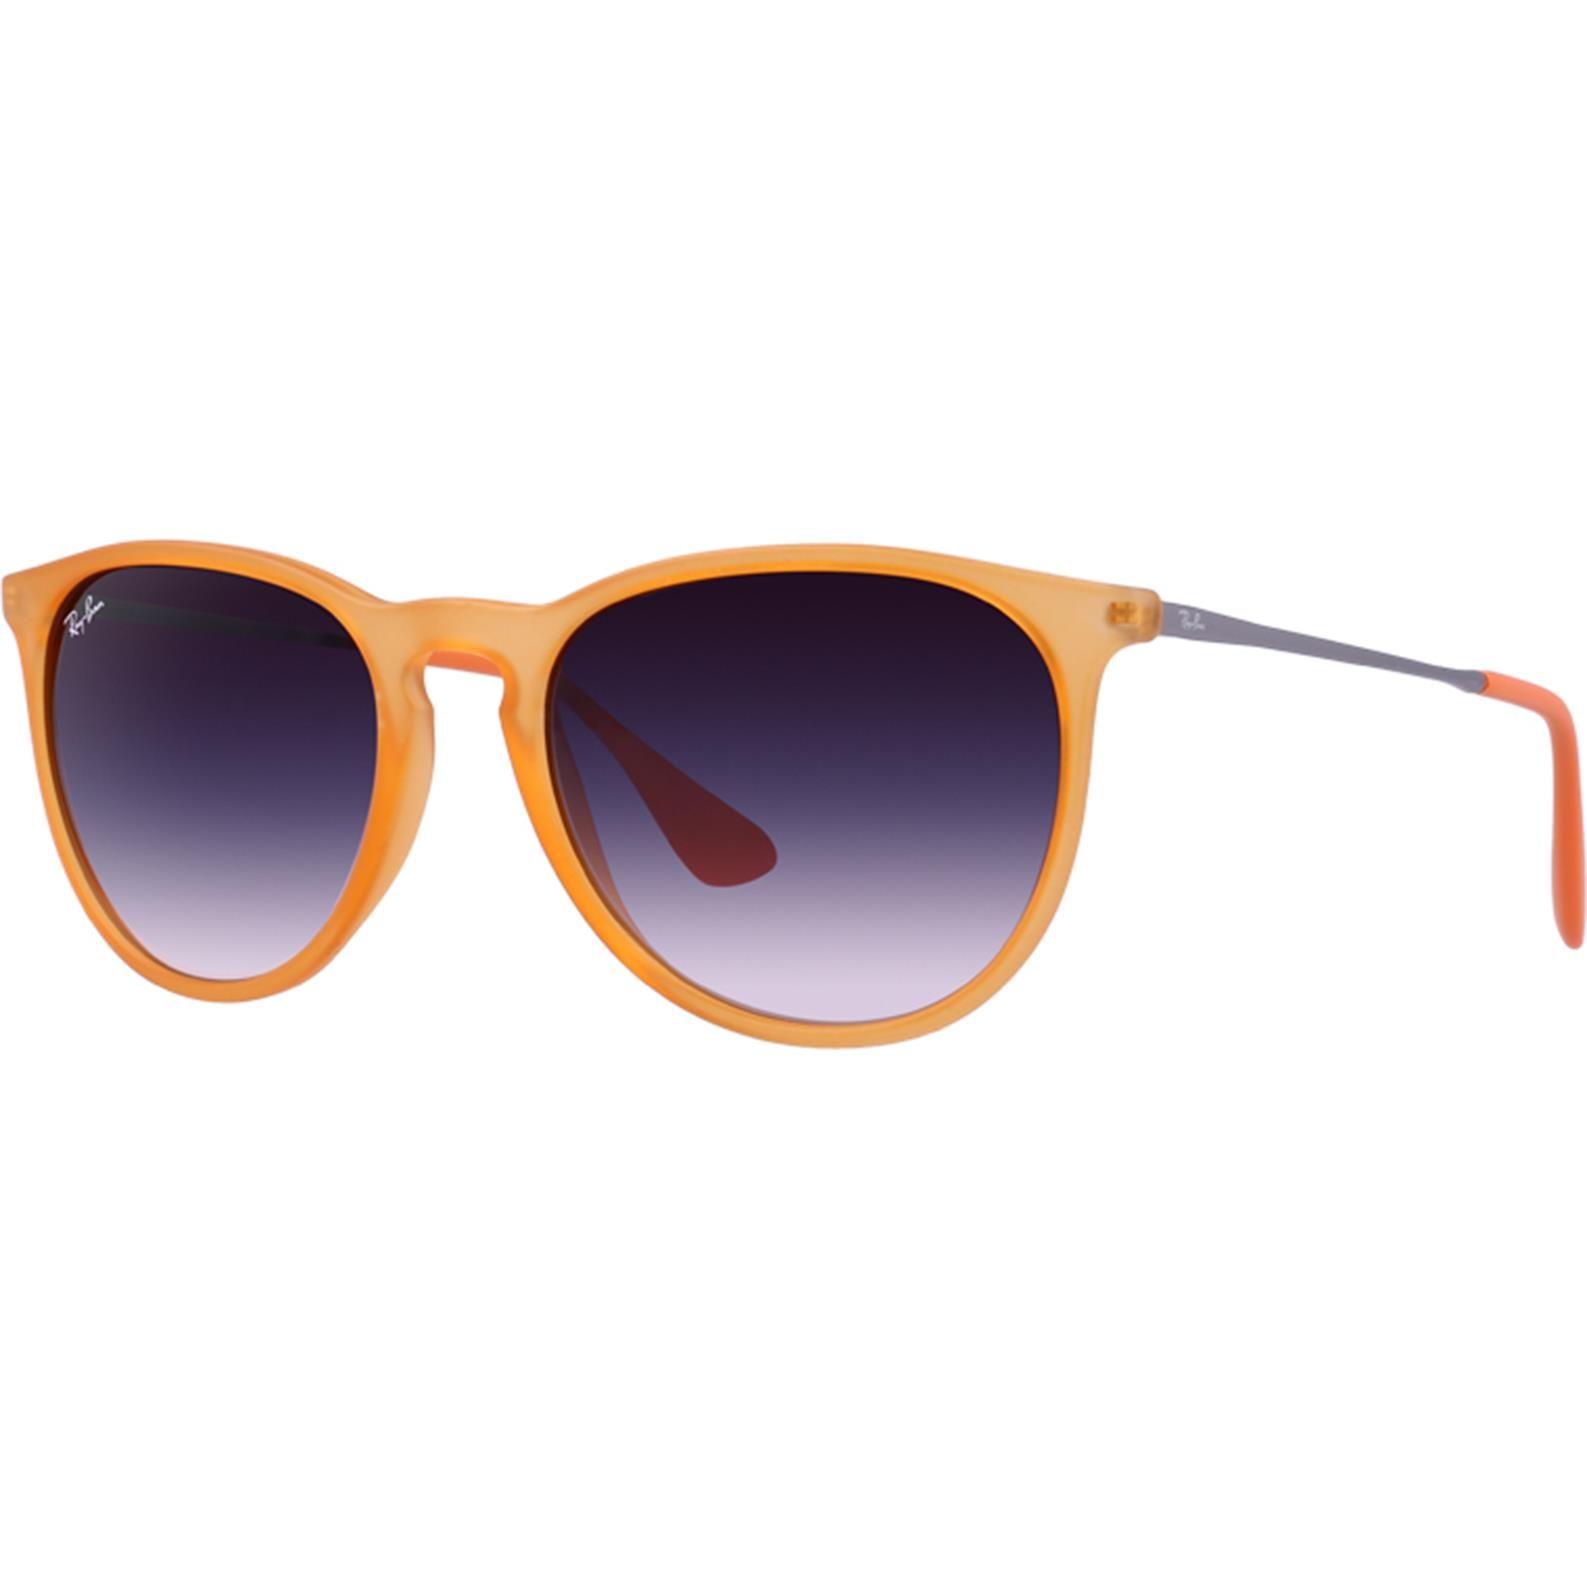 Rb 4171 54 602636 Ray Bans Sunglasses Glasses